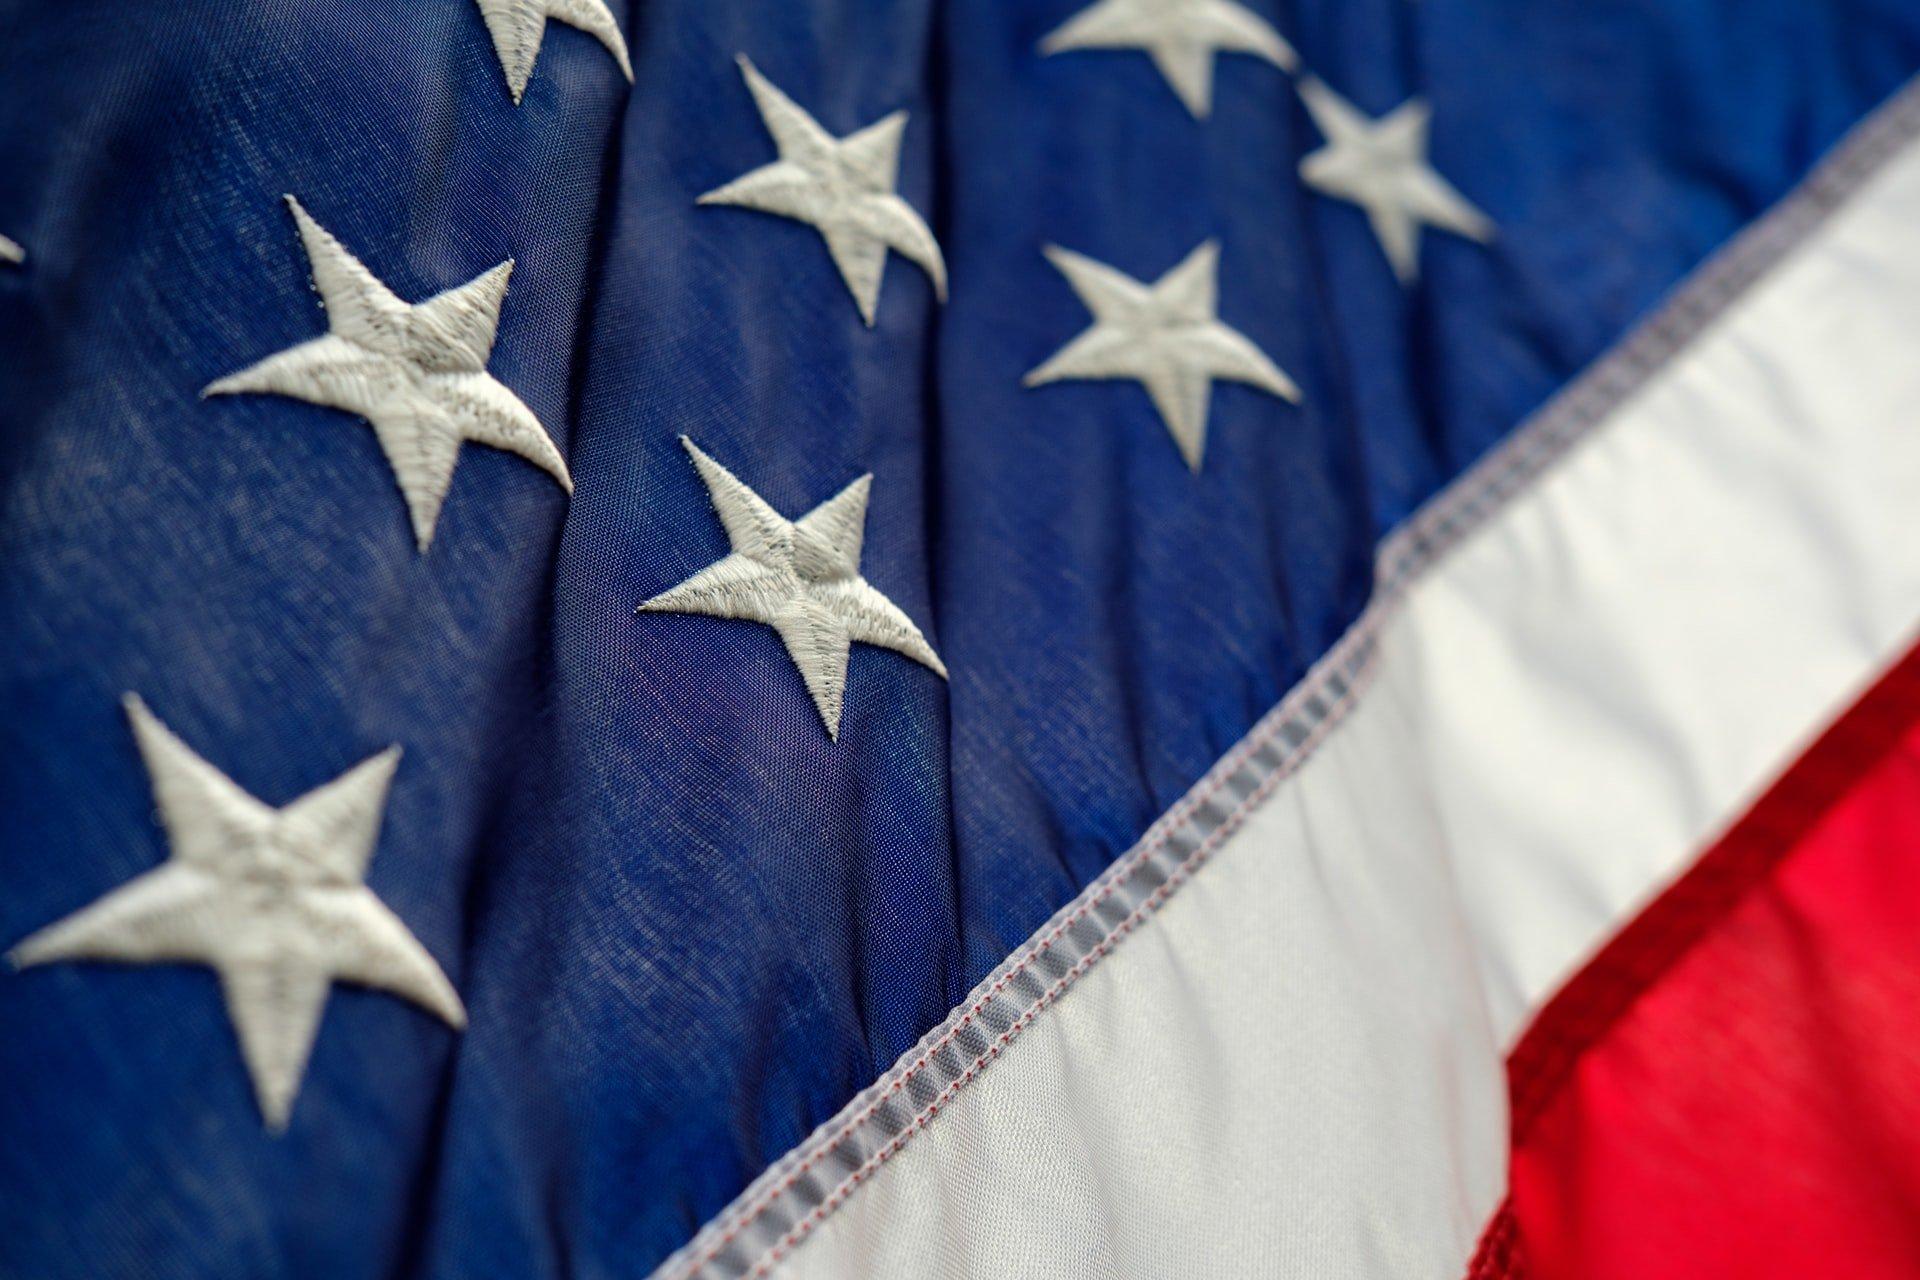 Top websites - USA based